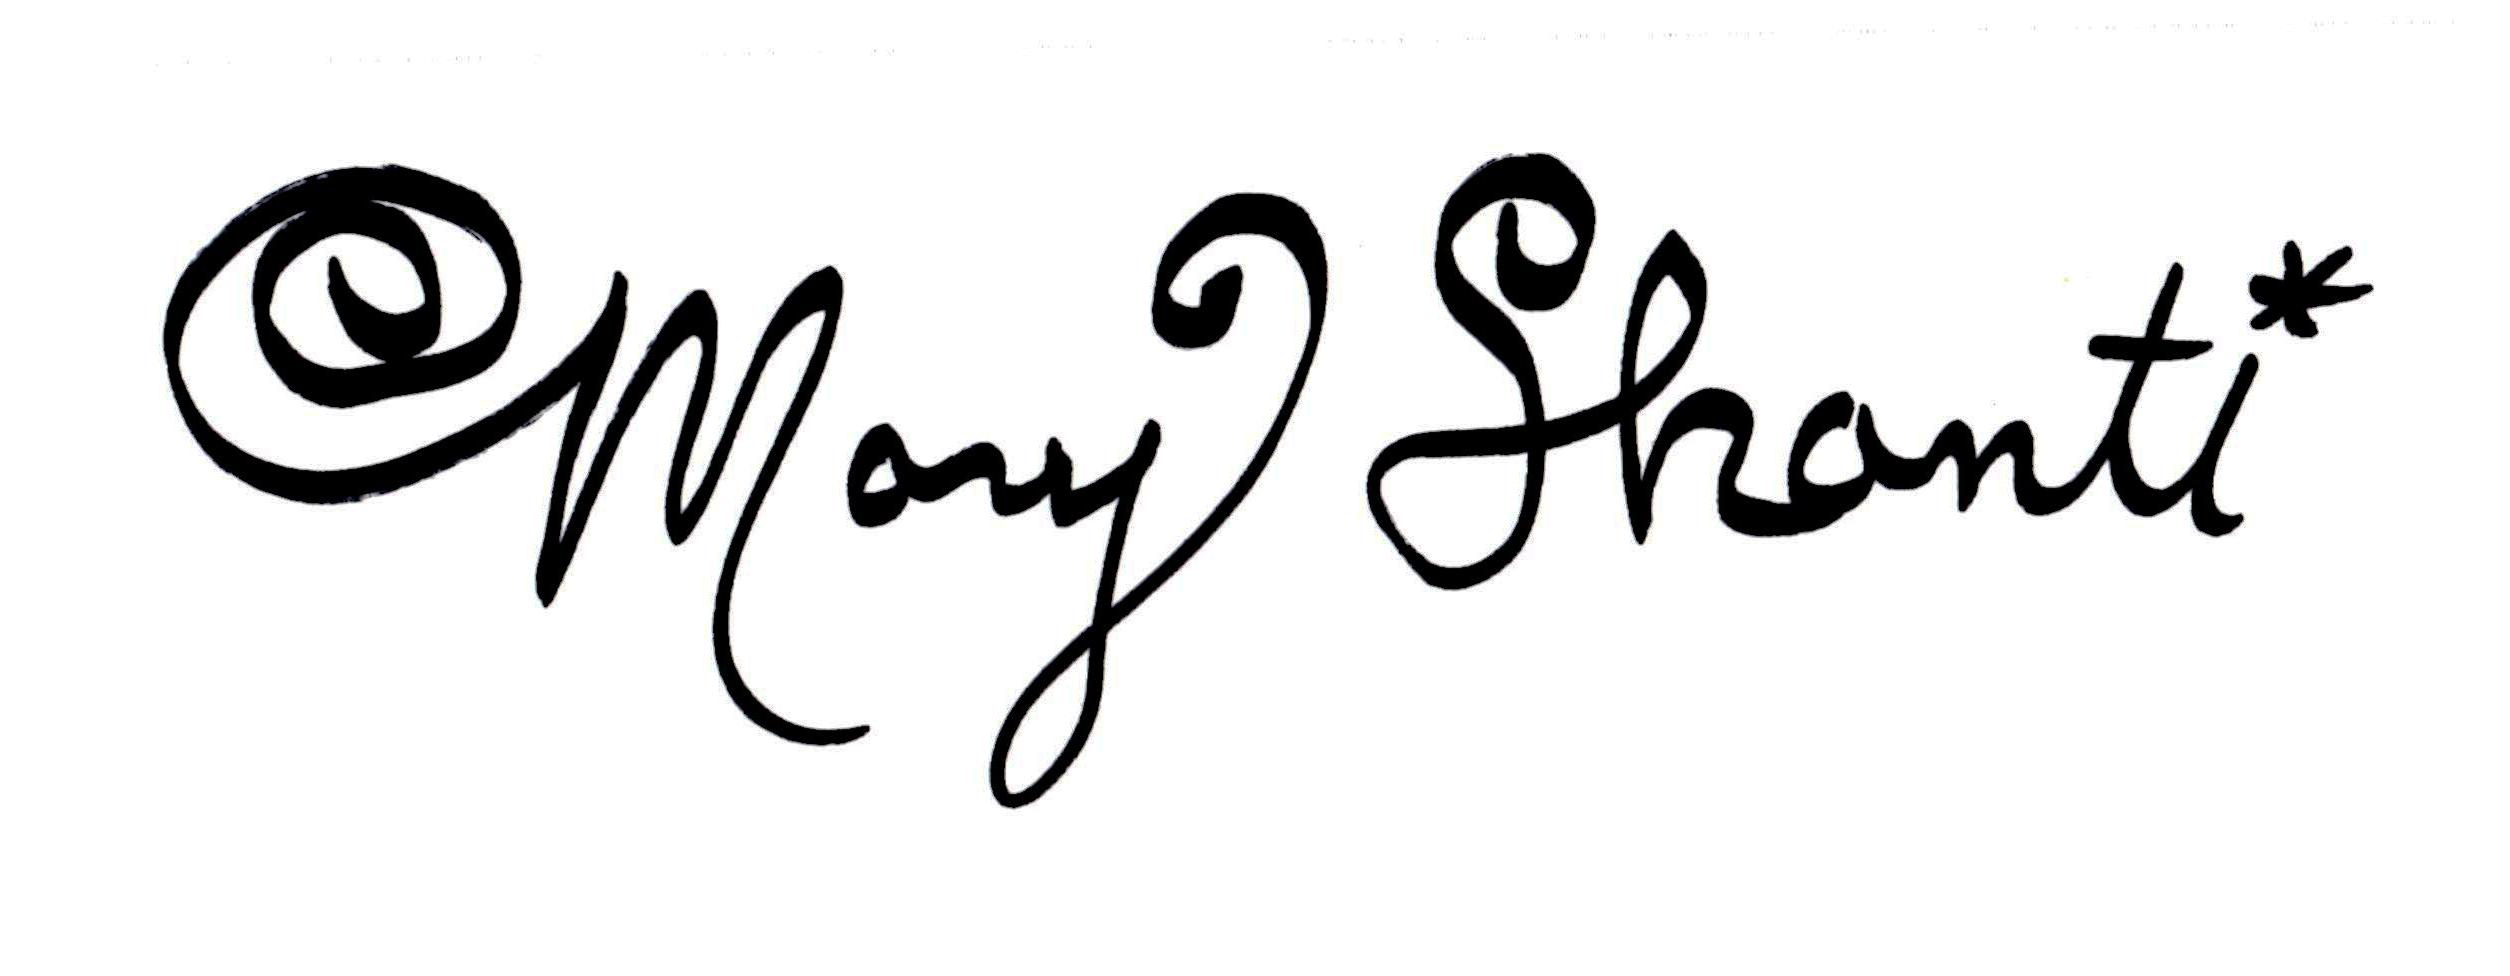 Mary Shanti's Signature